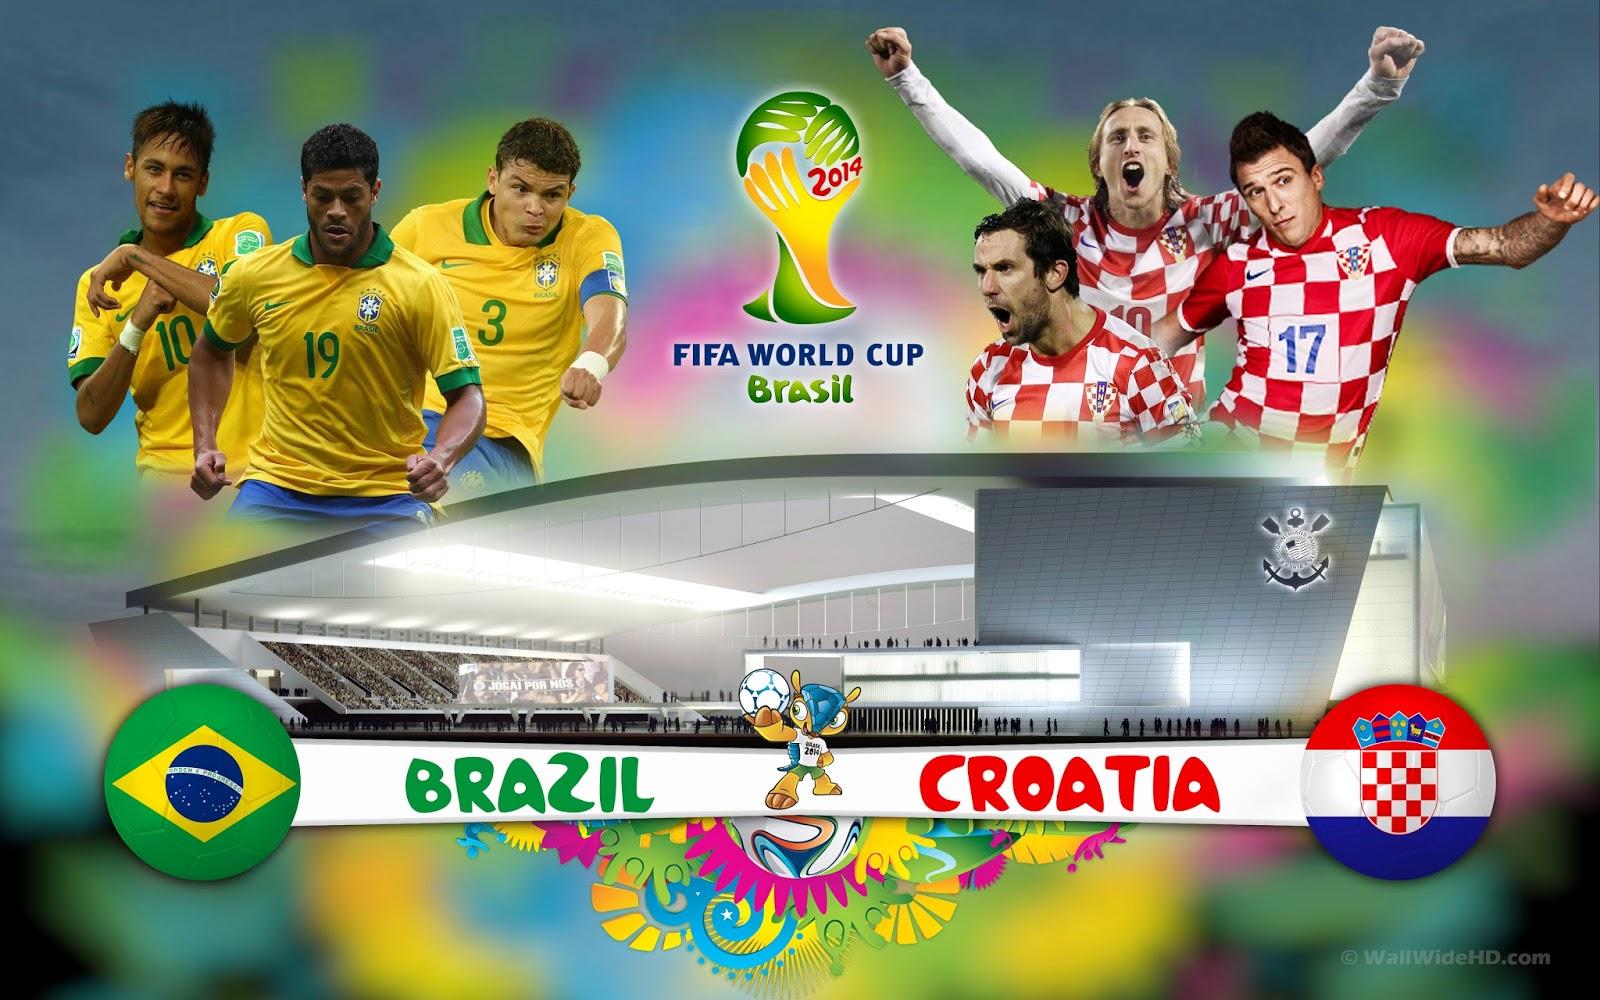 مشاهدة مباراة البرازيل وكرواتيا علي بي أن سبورت HD بث مباشر مجانا أون لاين Brazil vs Croatia